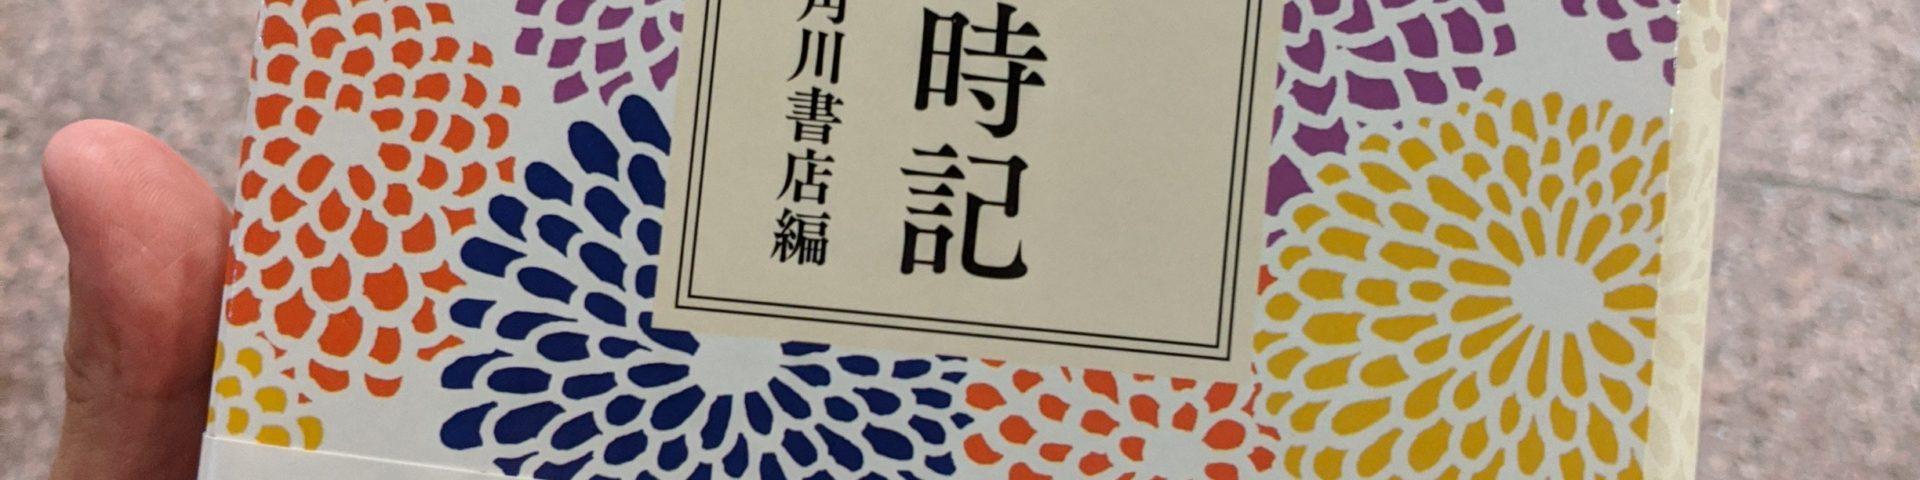 俳句歳時記_角川文庫定番